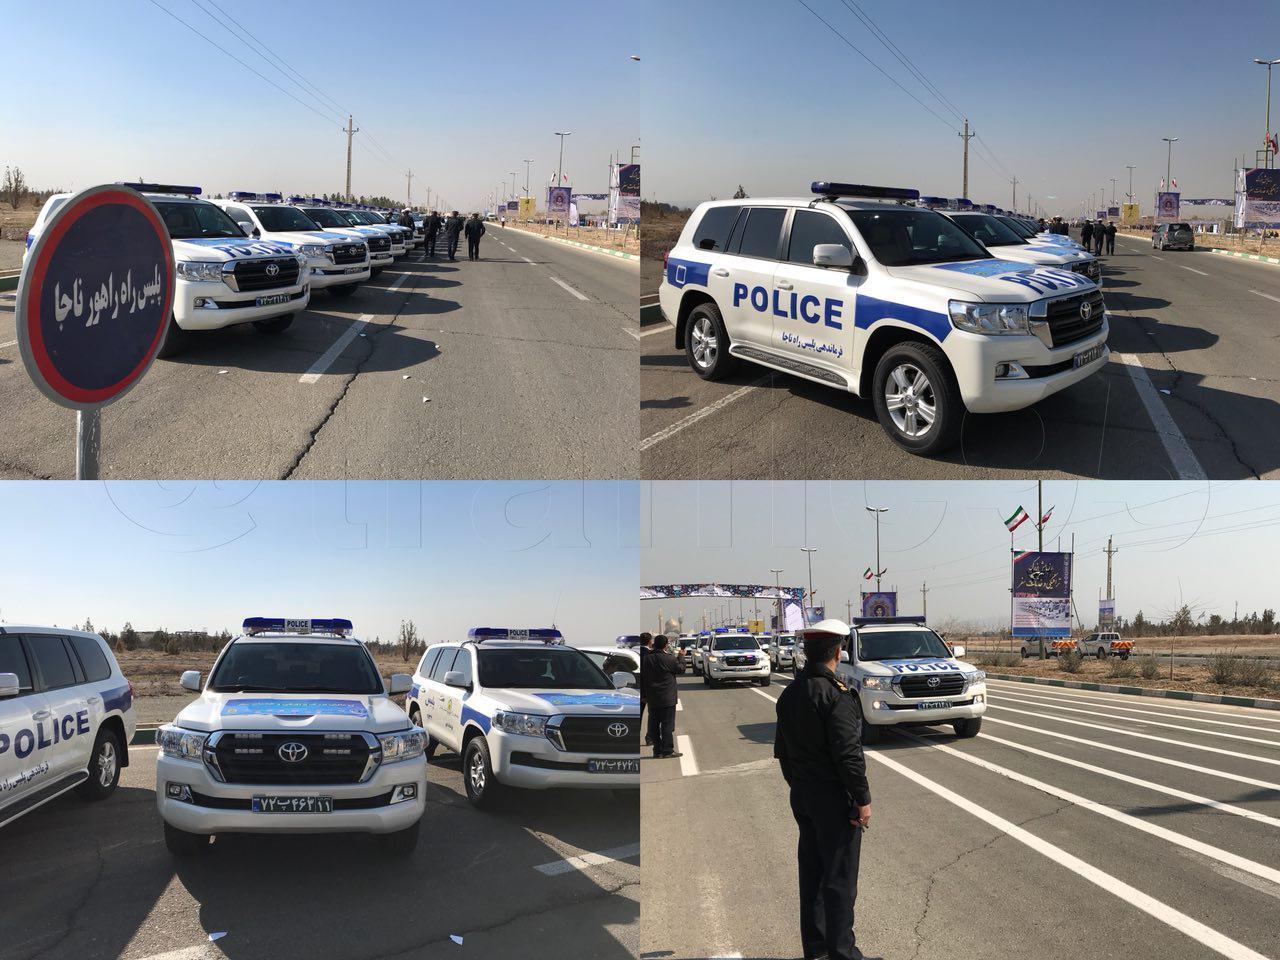 ورود لندکروزهای جدید به ناوگان پلیس راه کشور (عکس)